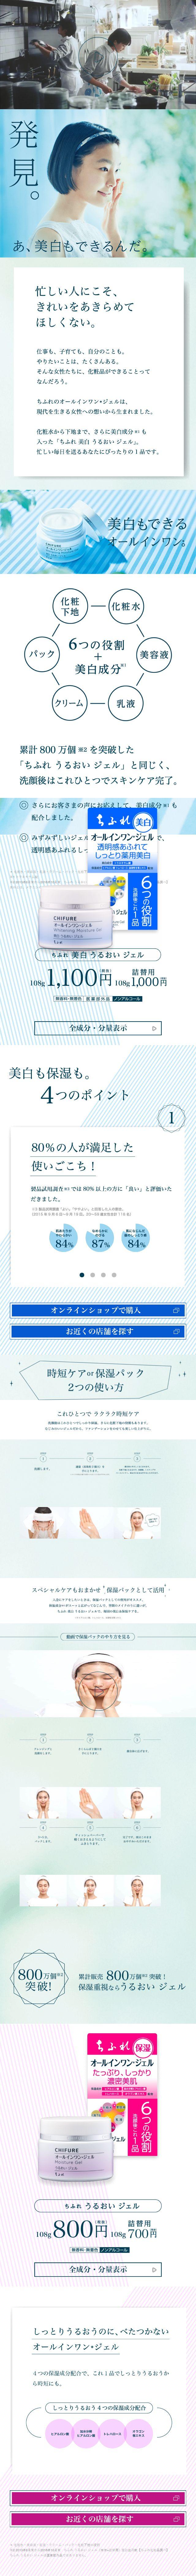 ちふれ オールインワンジェル|WEBデザイナーさん必見!スマホランディングページのデザイン参考に(かわいい系)